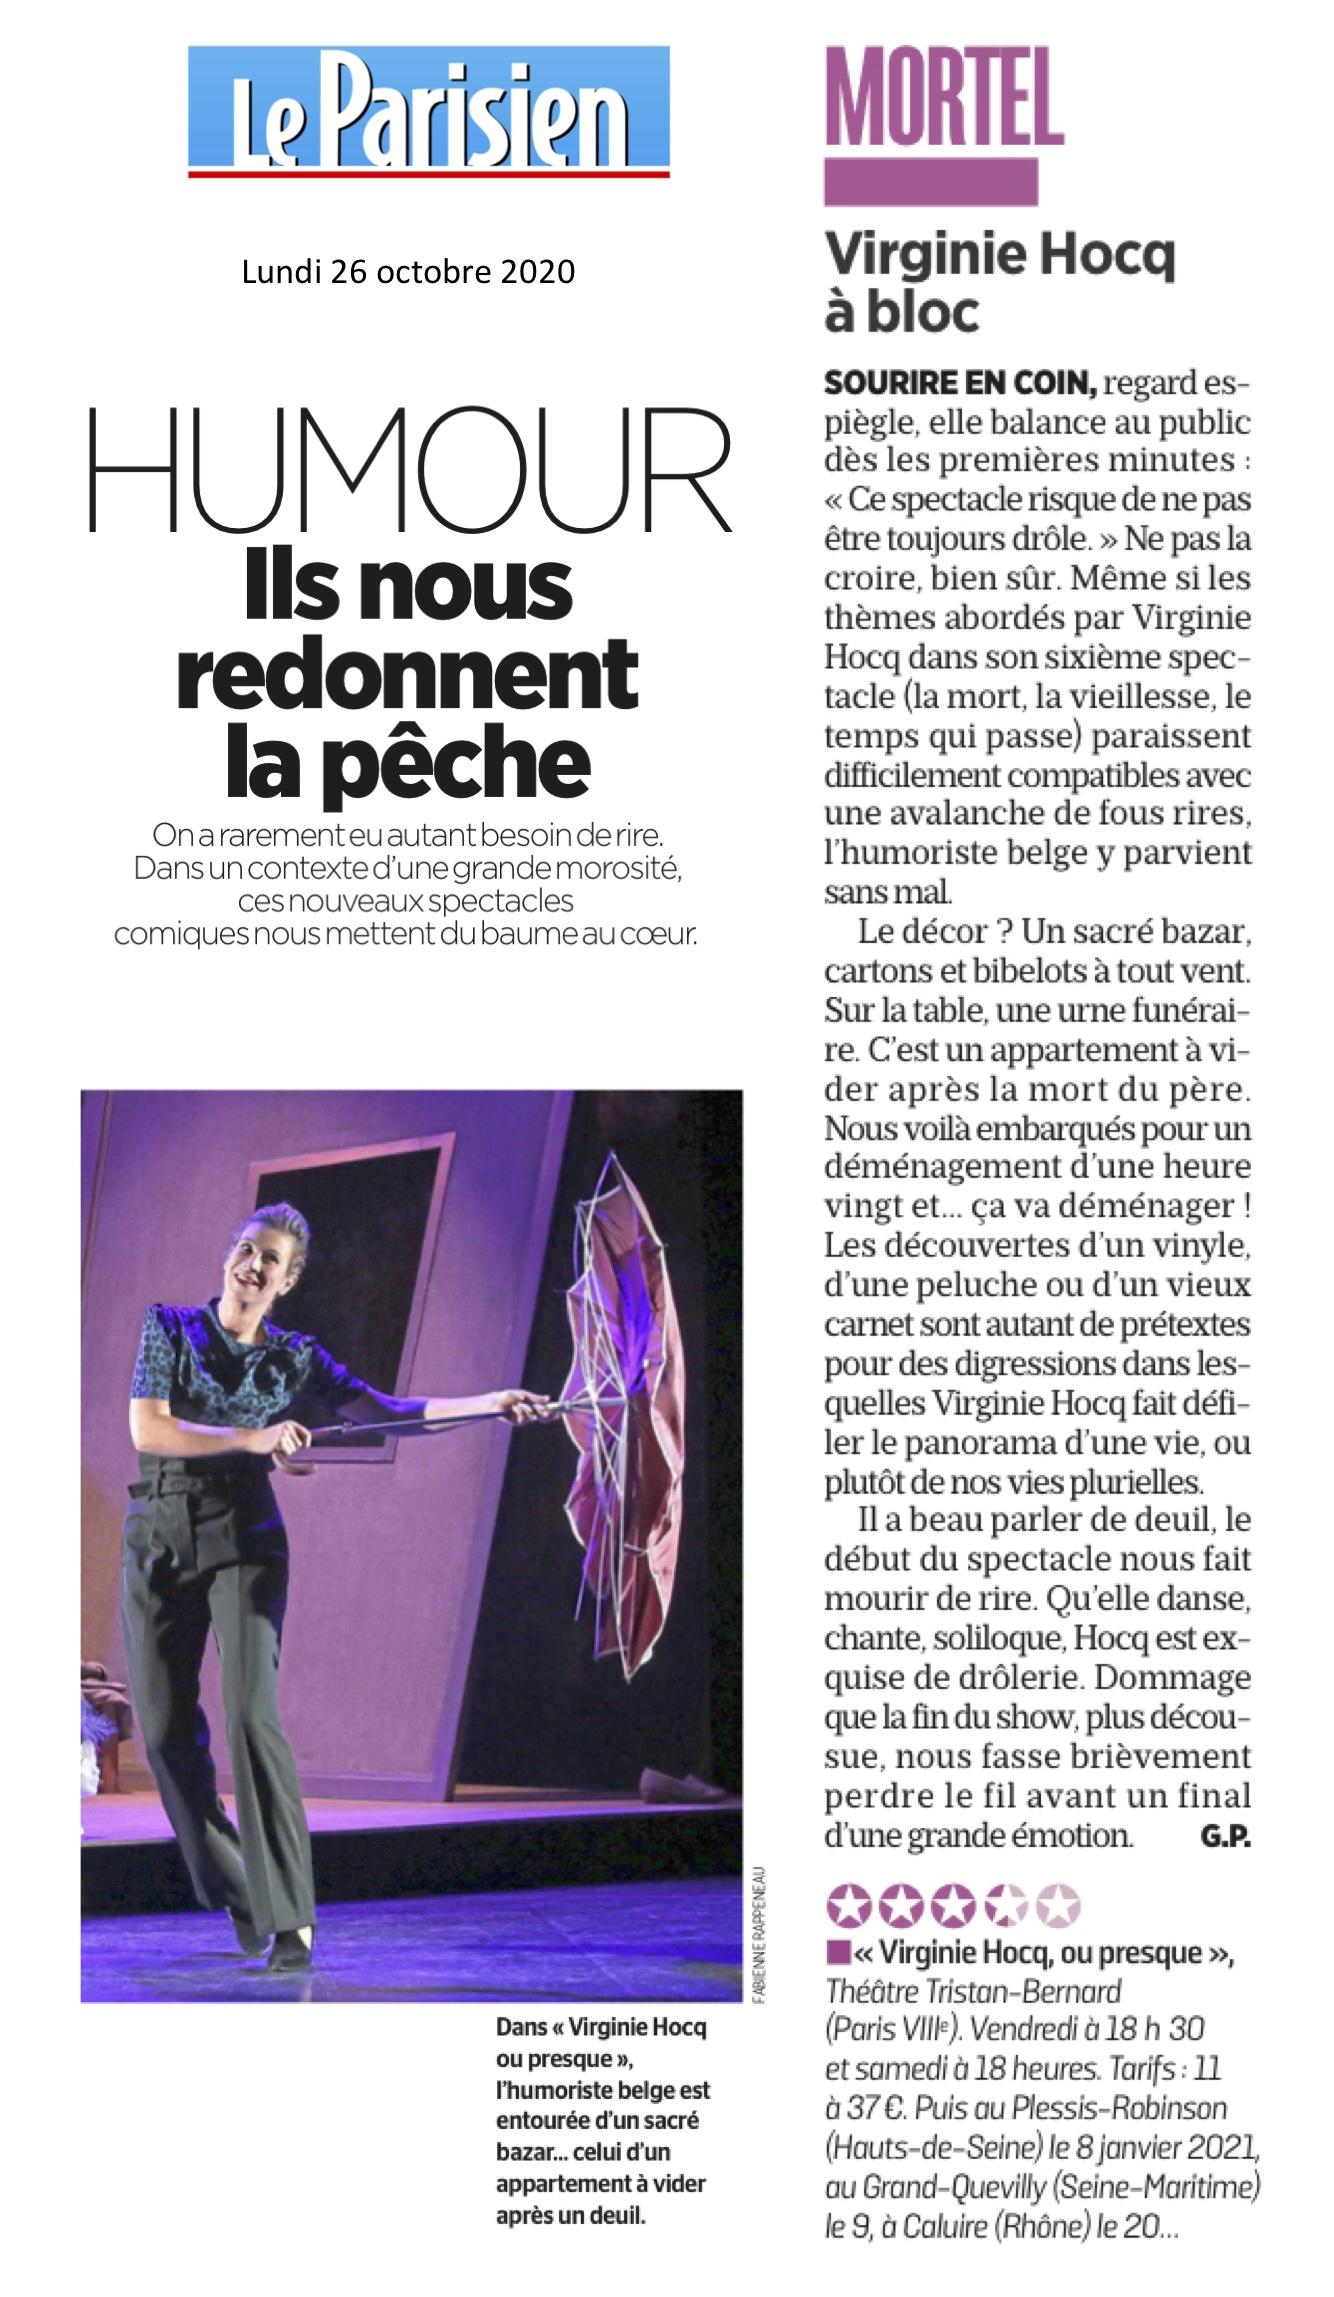 Le Parisien 26.10.20